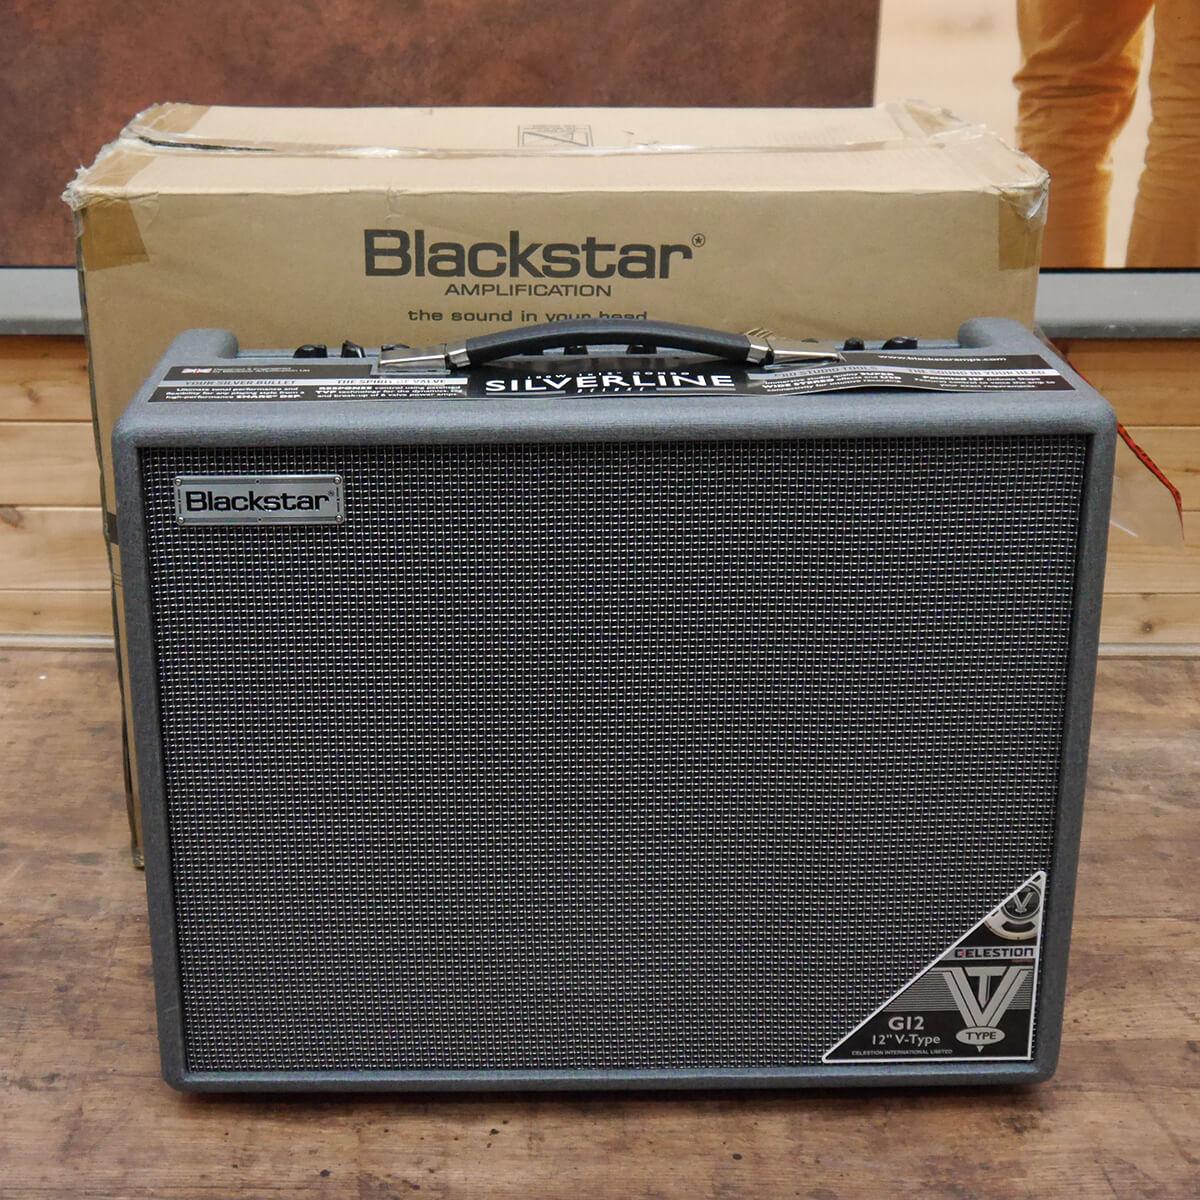 Blackstar Silverline Deluxe 112 100w Combo Amplifier w/Box & PSU - 2nd Hand